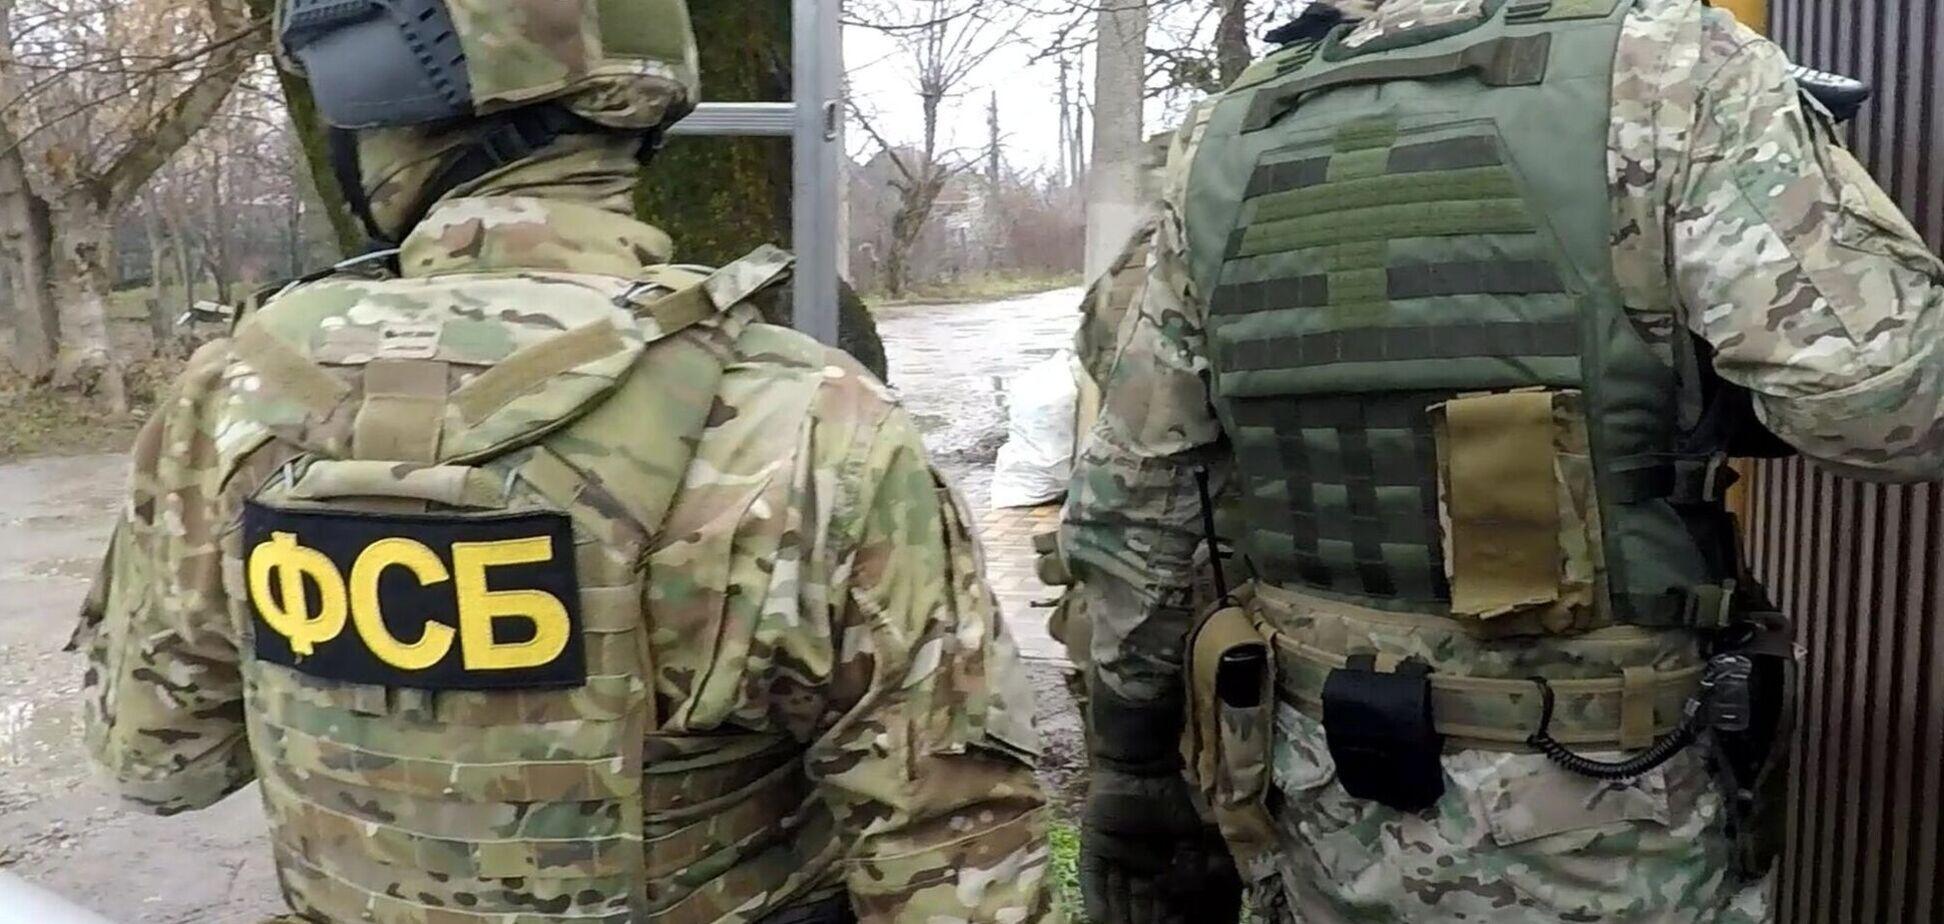 Как российские спецслужбы 'клеют' украинский след к российским нацикам